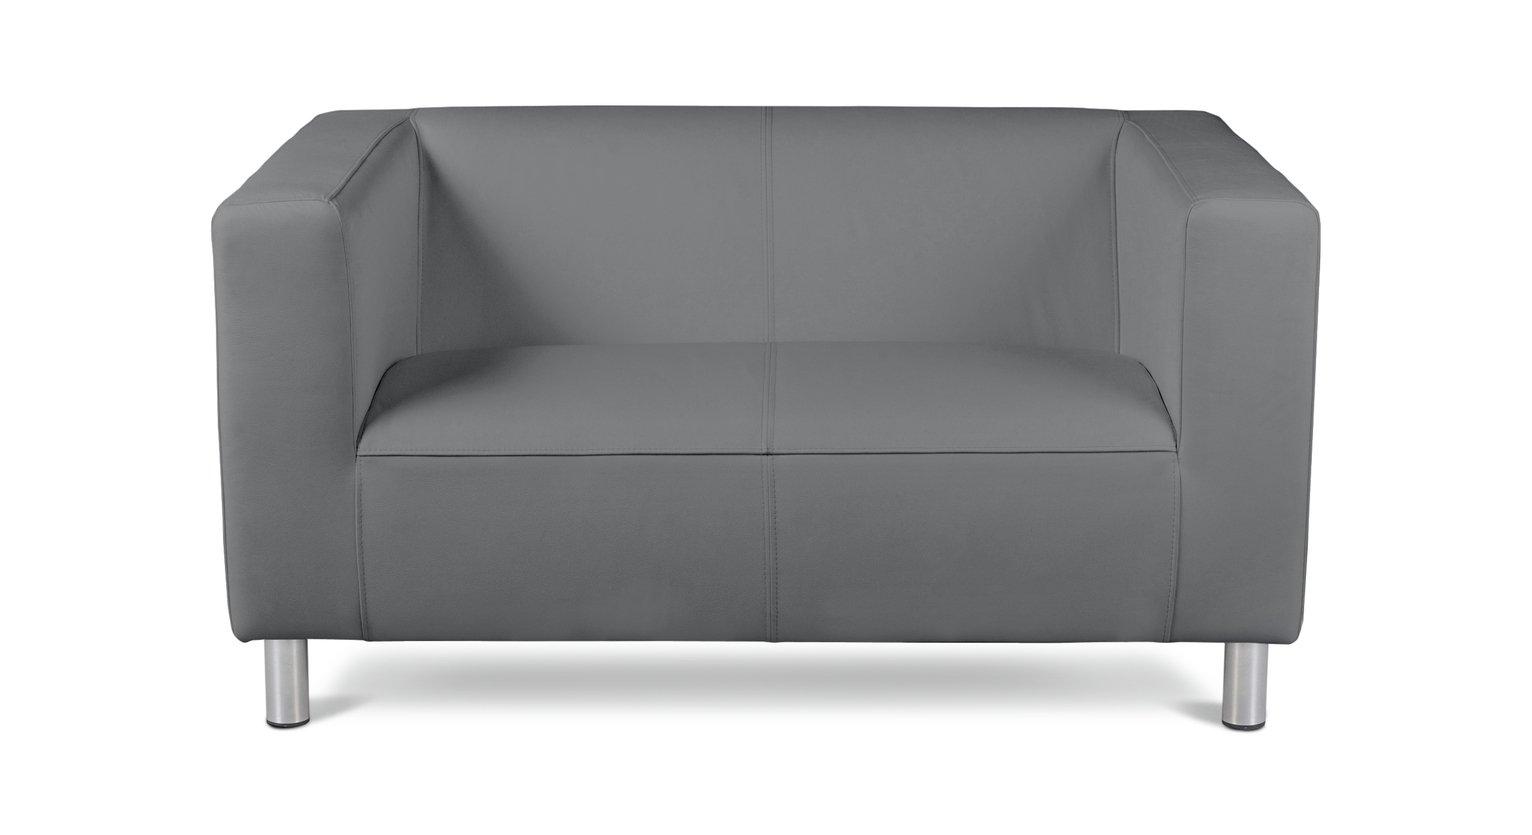 Habitat Moda Compact 2 Seater Faux Leather Sofa - Grey